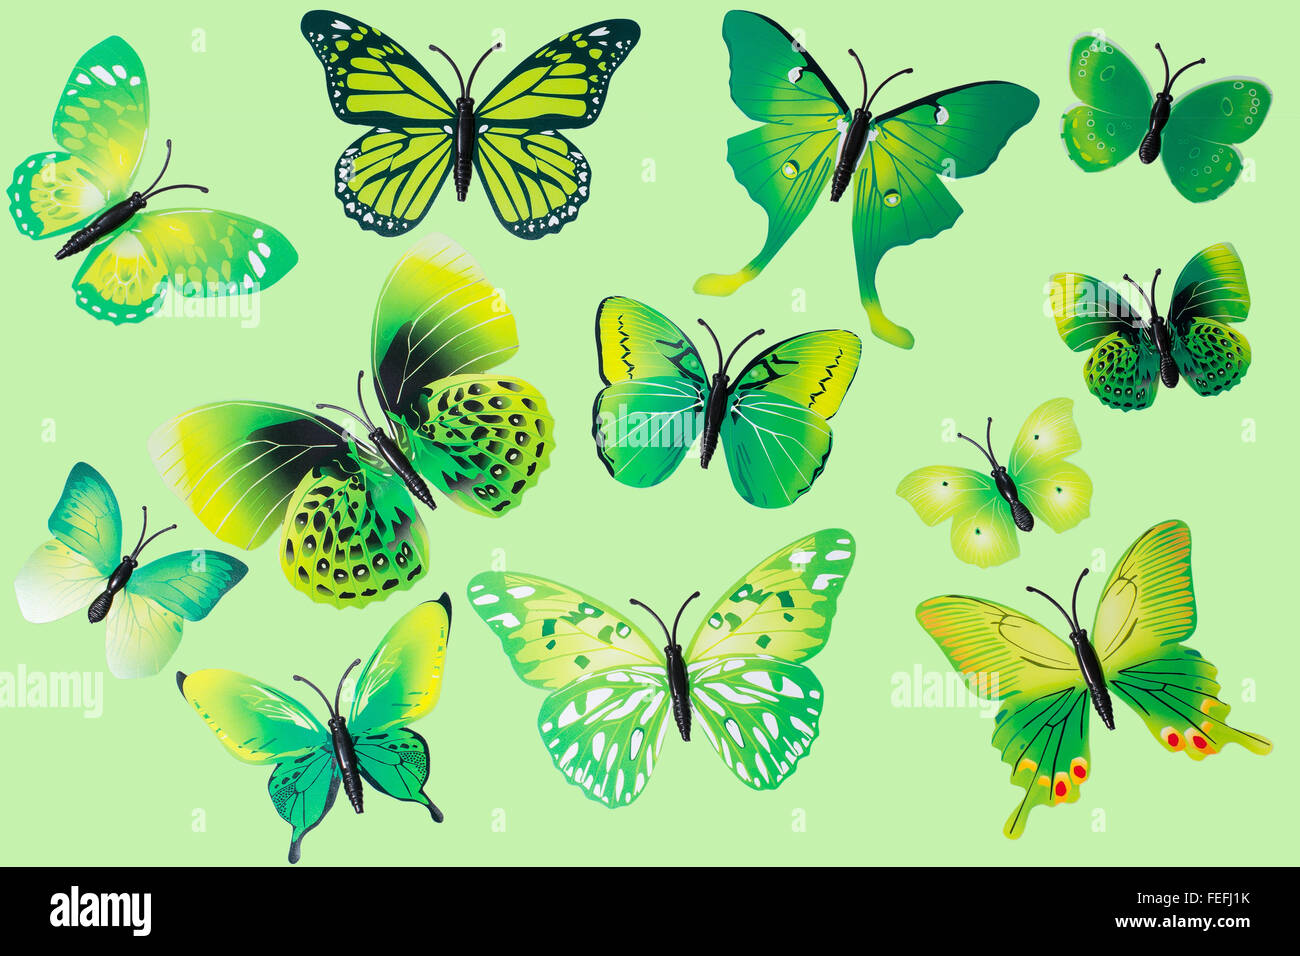 Raccolta di verde Farfalle Fantasia Clip Art isolato Immagini Stock